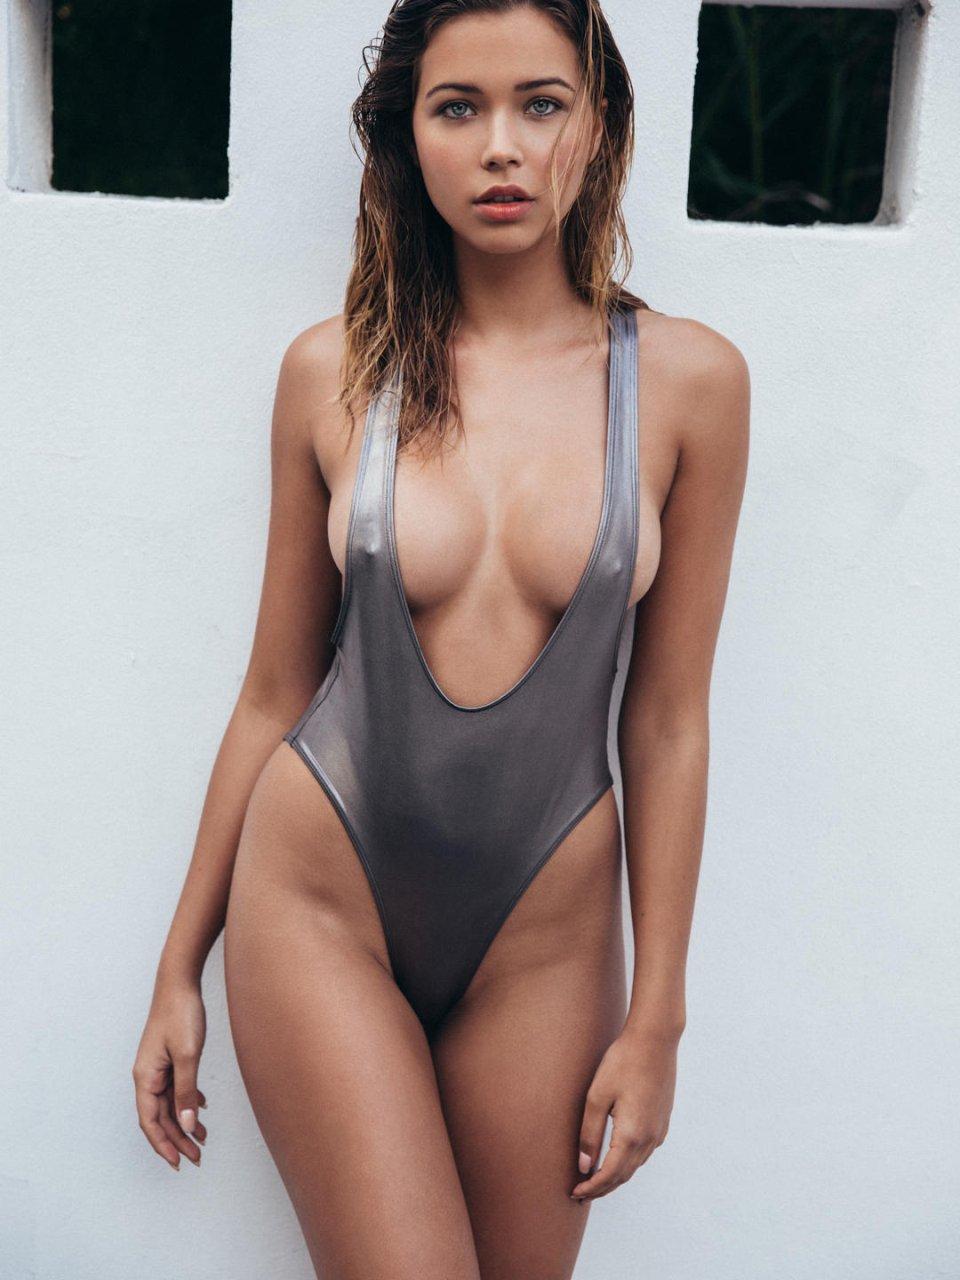 Skinny big tit brunette